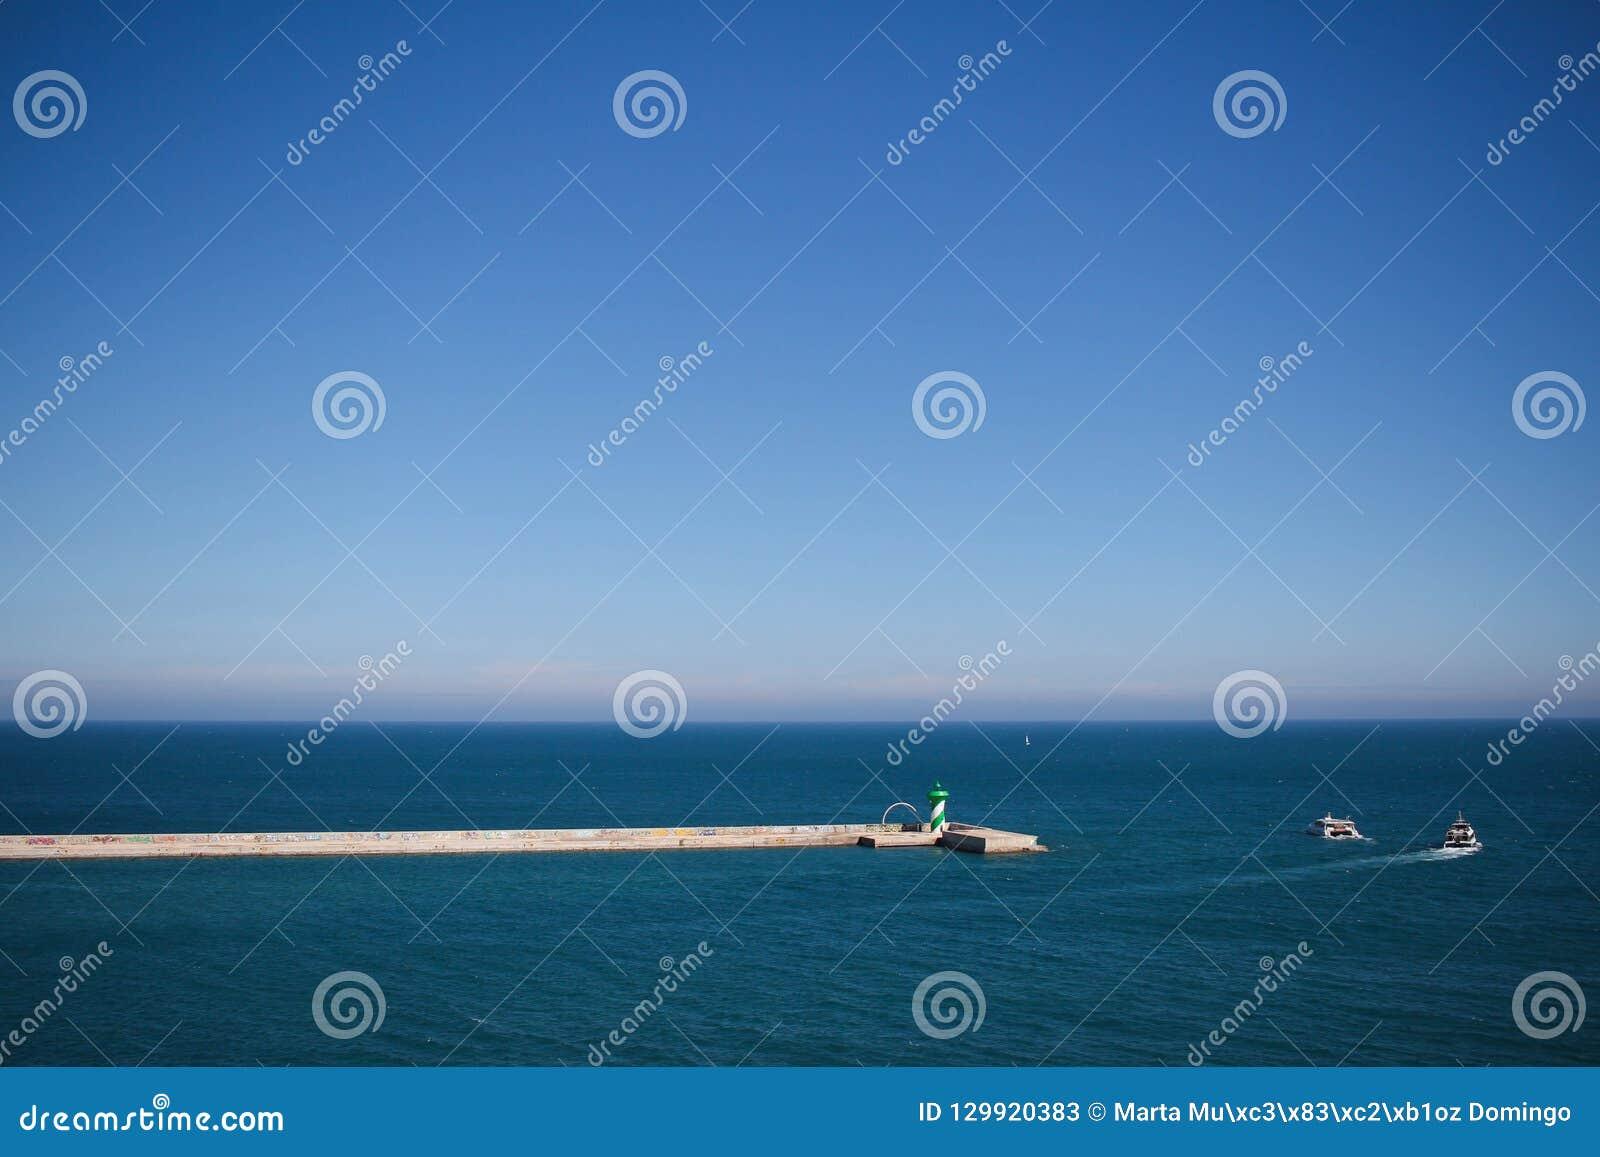 Κυματοθραύστης στο λιμένα με δύο βάρκες στο υπόβαθρο